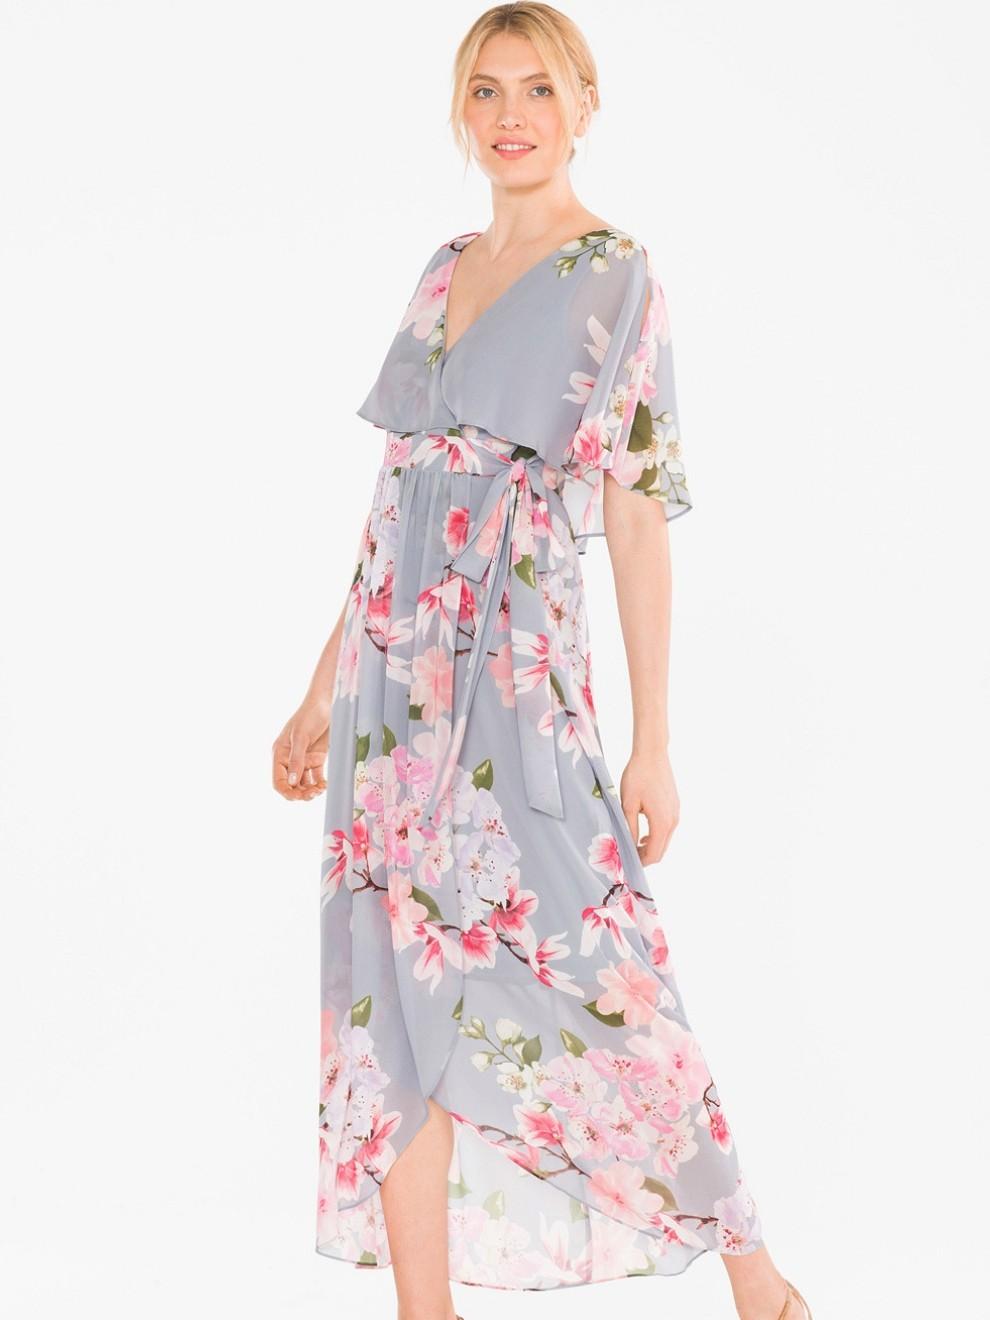 Vestido Ideal Para Bodas 2019 En Primavera De Ca Por 79 Euros